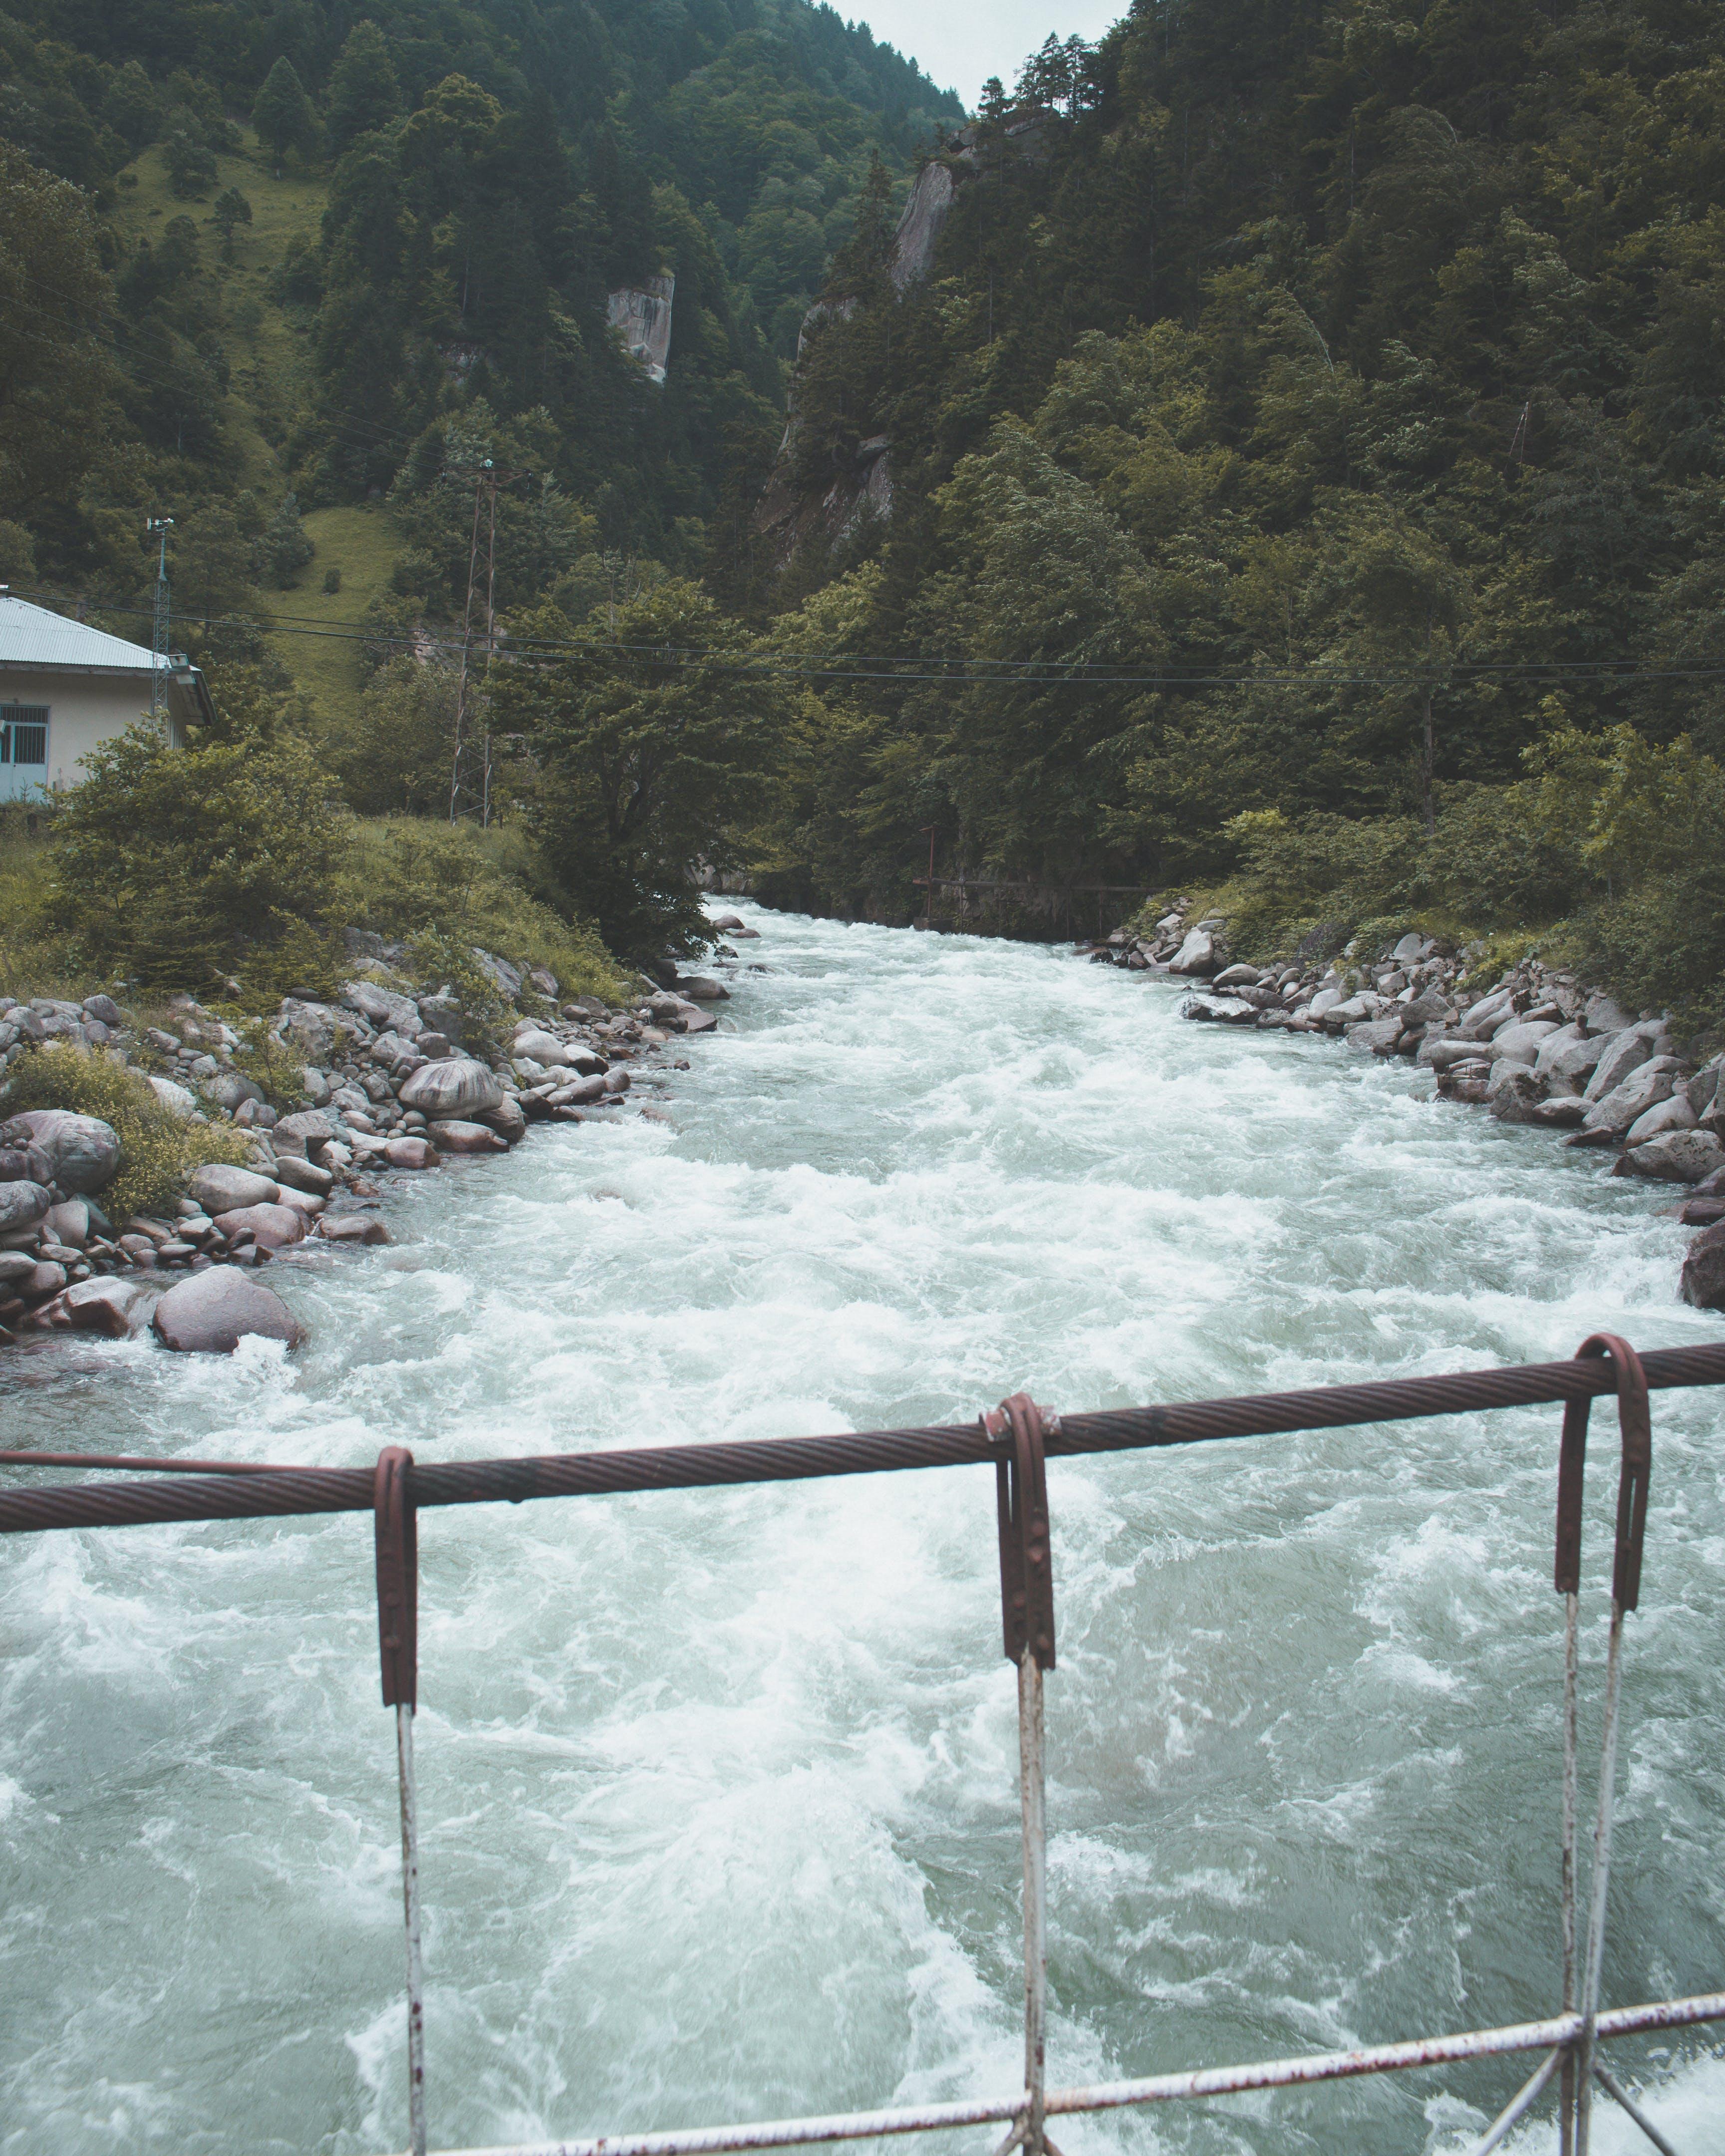 Δωρεάν στοκ φωτογραφιών με flpw, βουνά, βράχια, γέφυρα